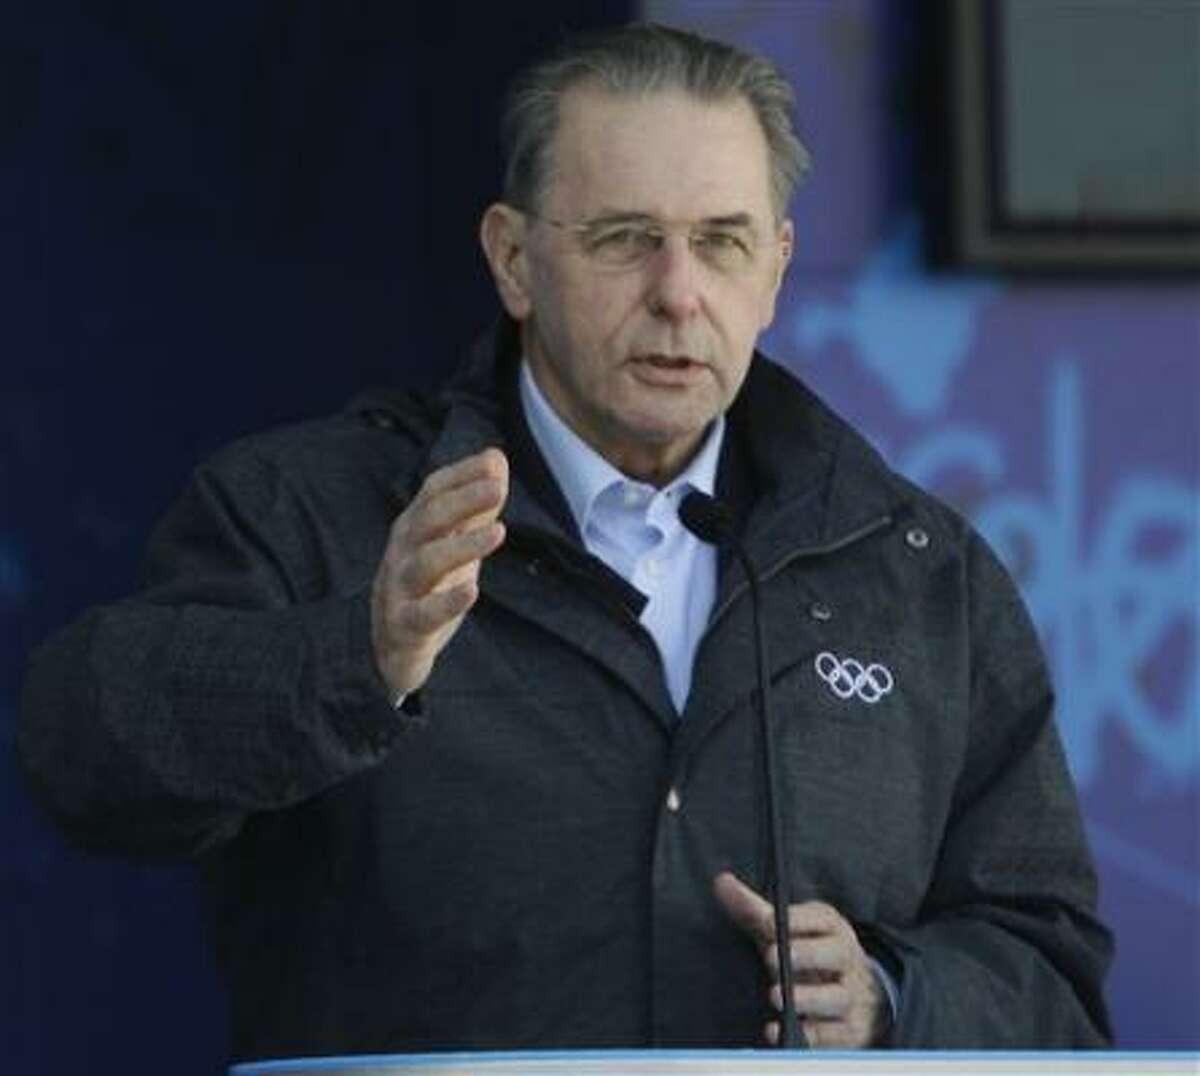 Jacques Rogge, presidente del Comité Olímpico Internacional, habla en la apertura de la Villa Olímpica de los Juegos Olímpicos de Vancouver, en esta ciudad de la provincia de Columbia Británica, el martes 9 de febrero del 2010.